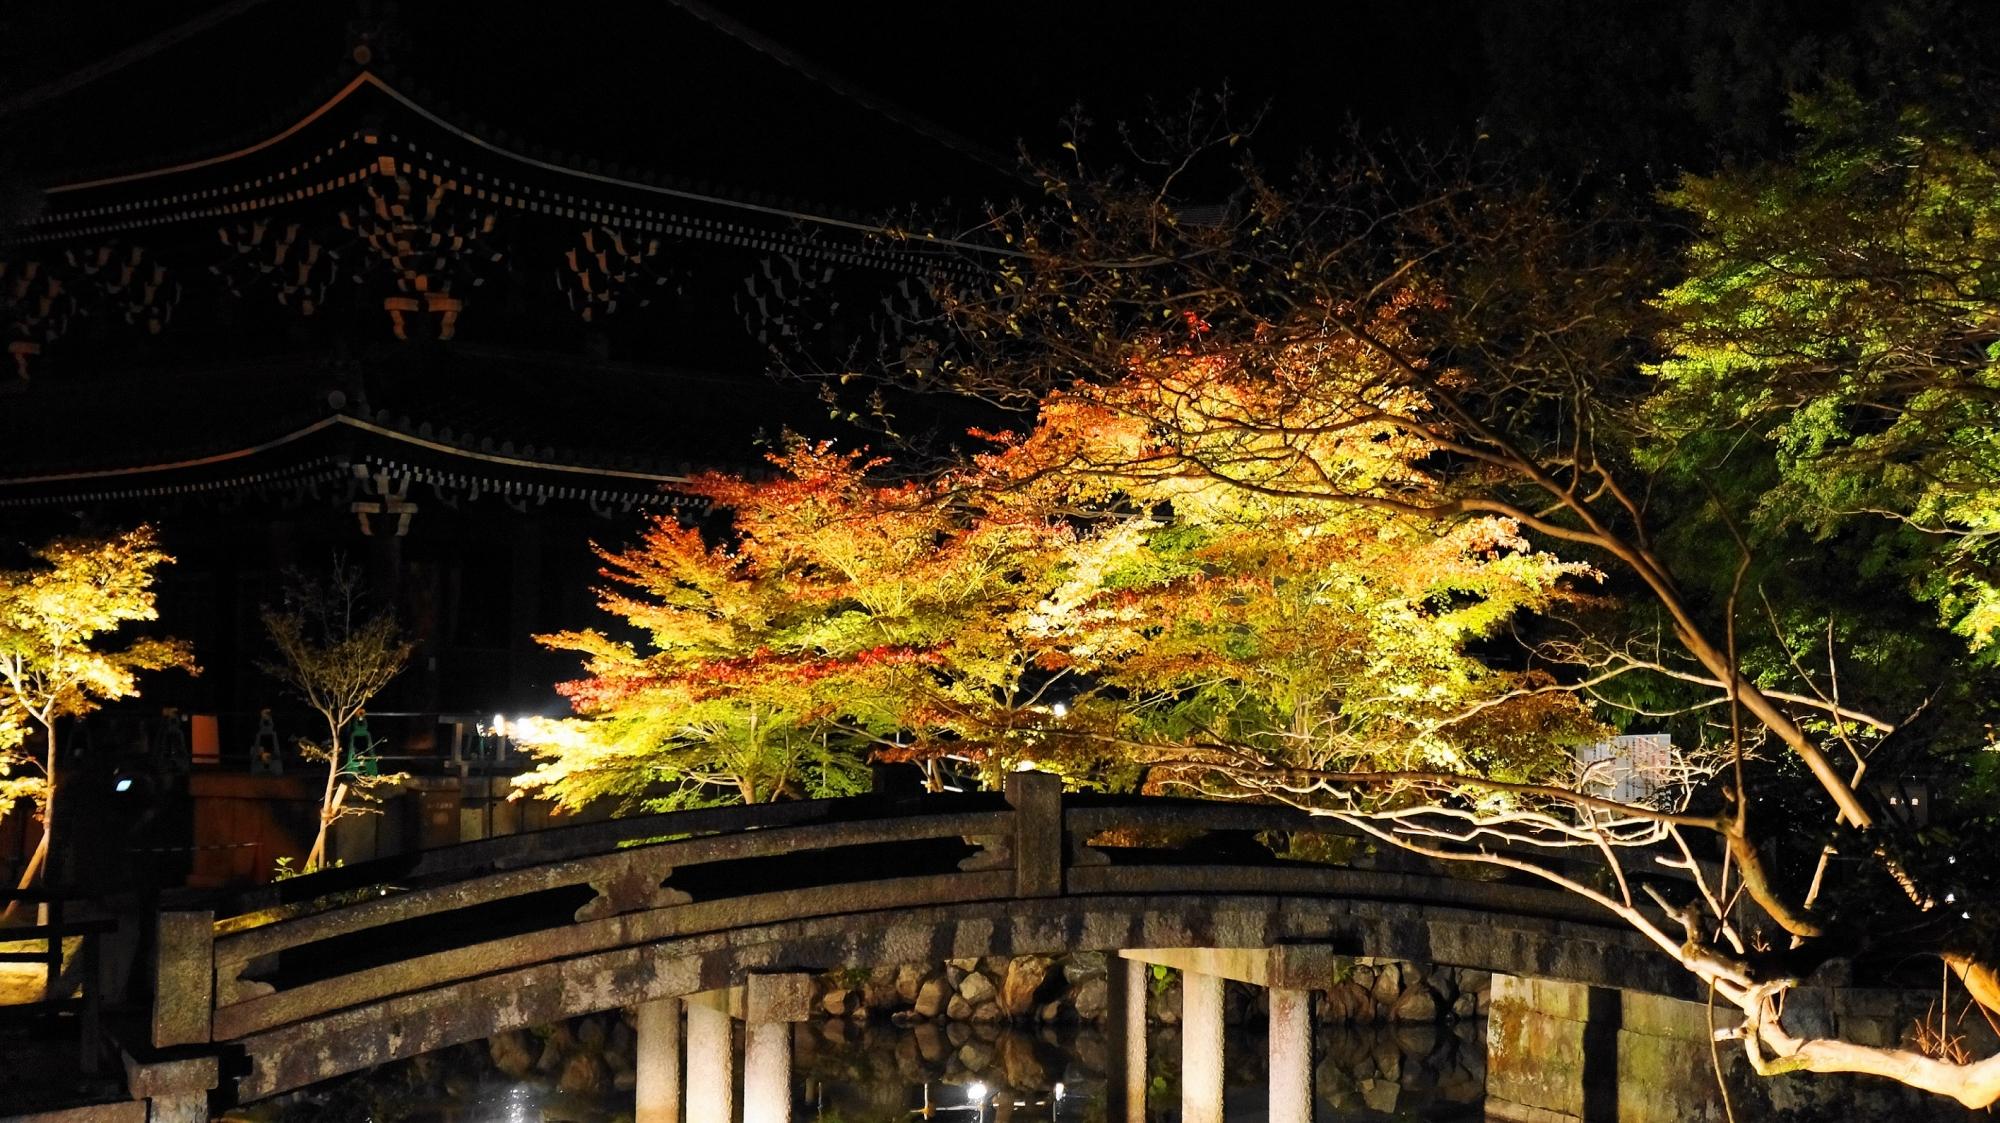 京都知恩院の経蔵前の紅葉ライトアップ